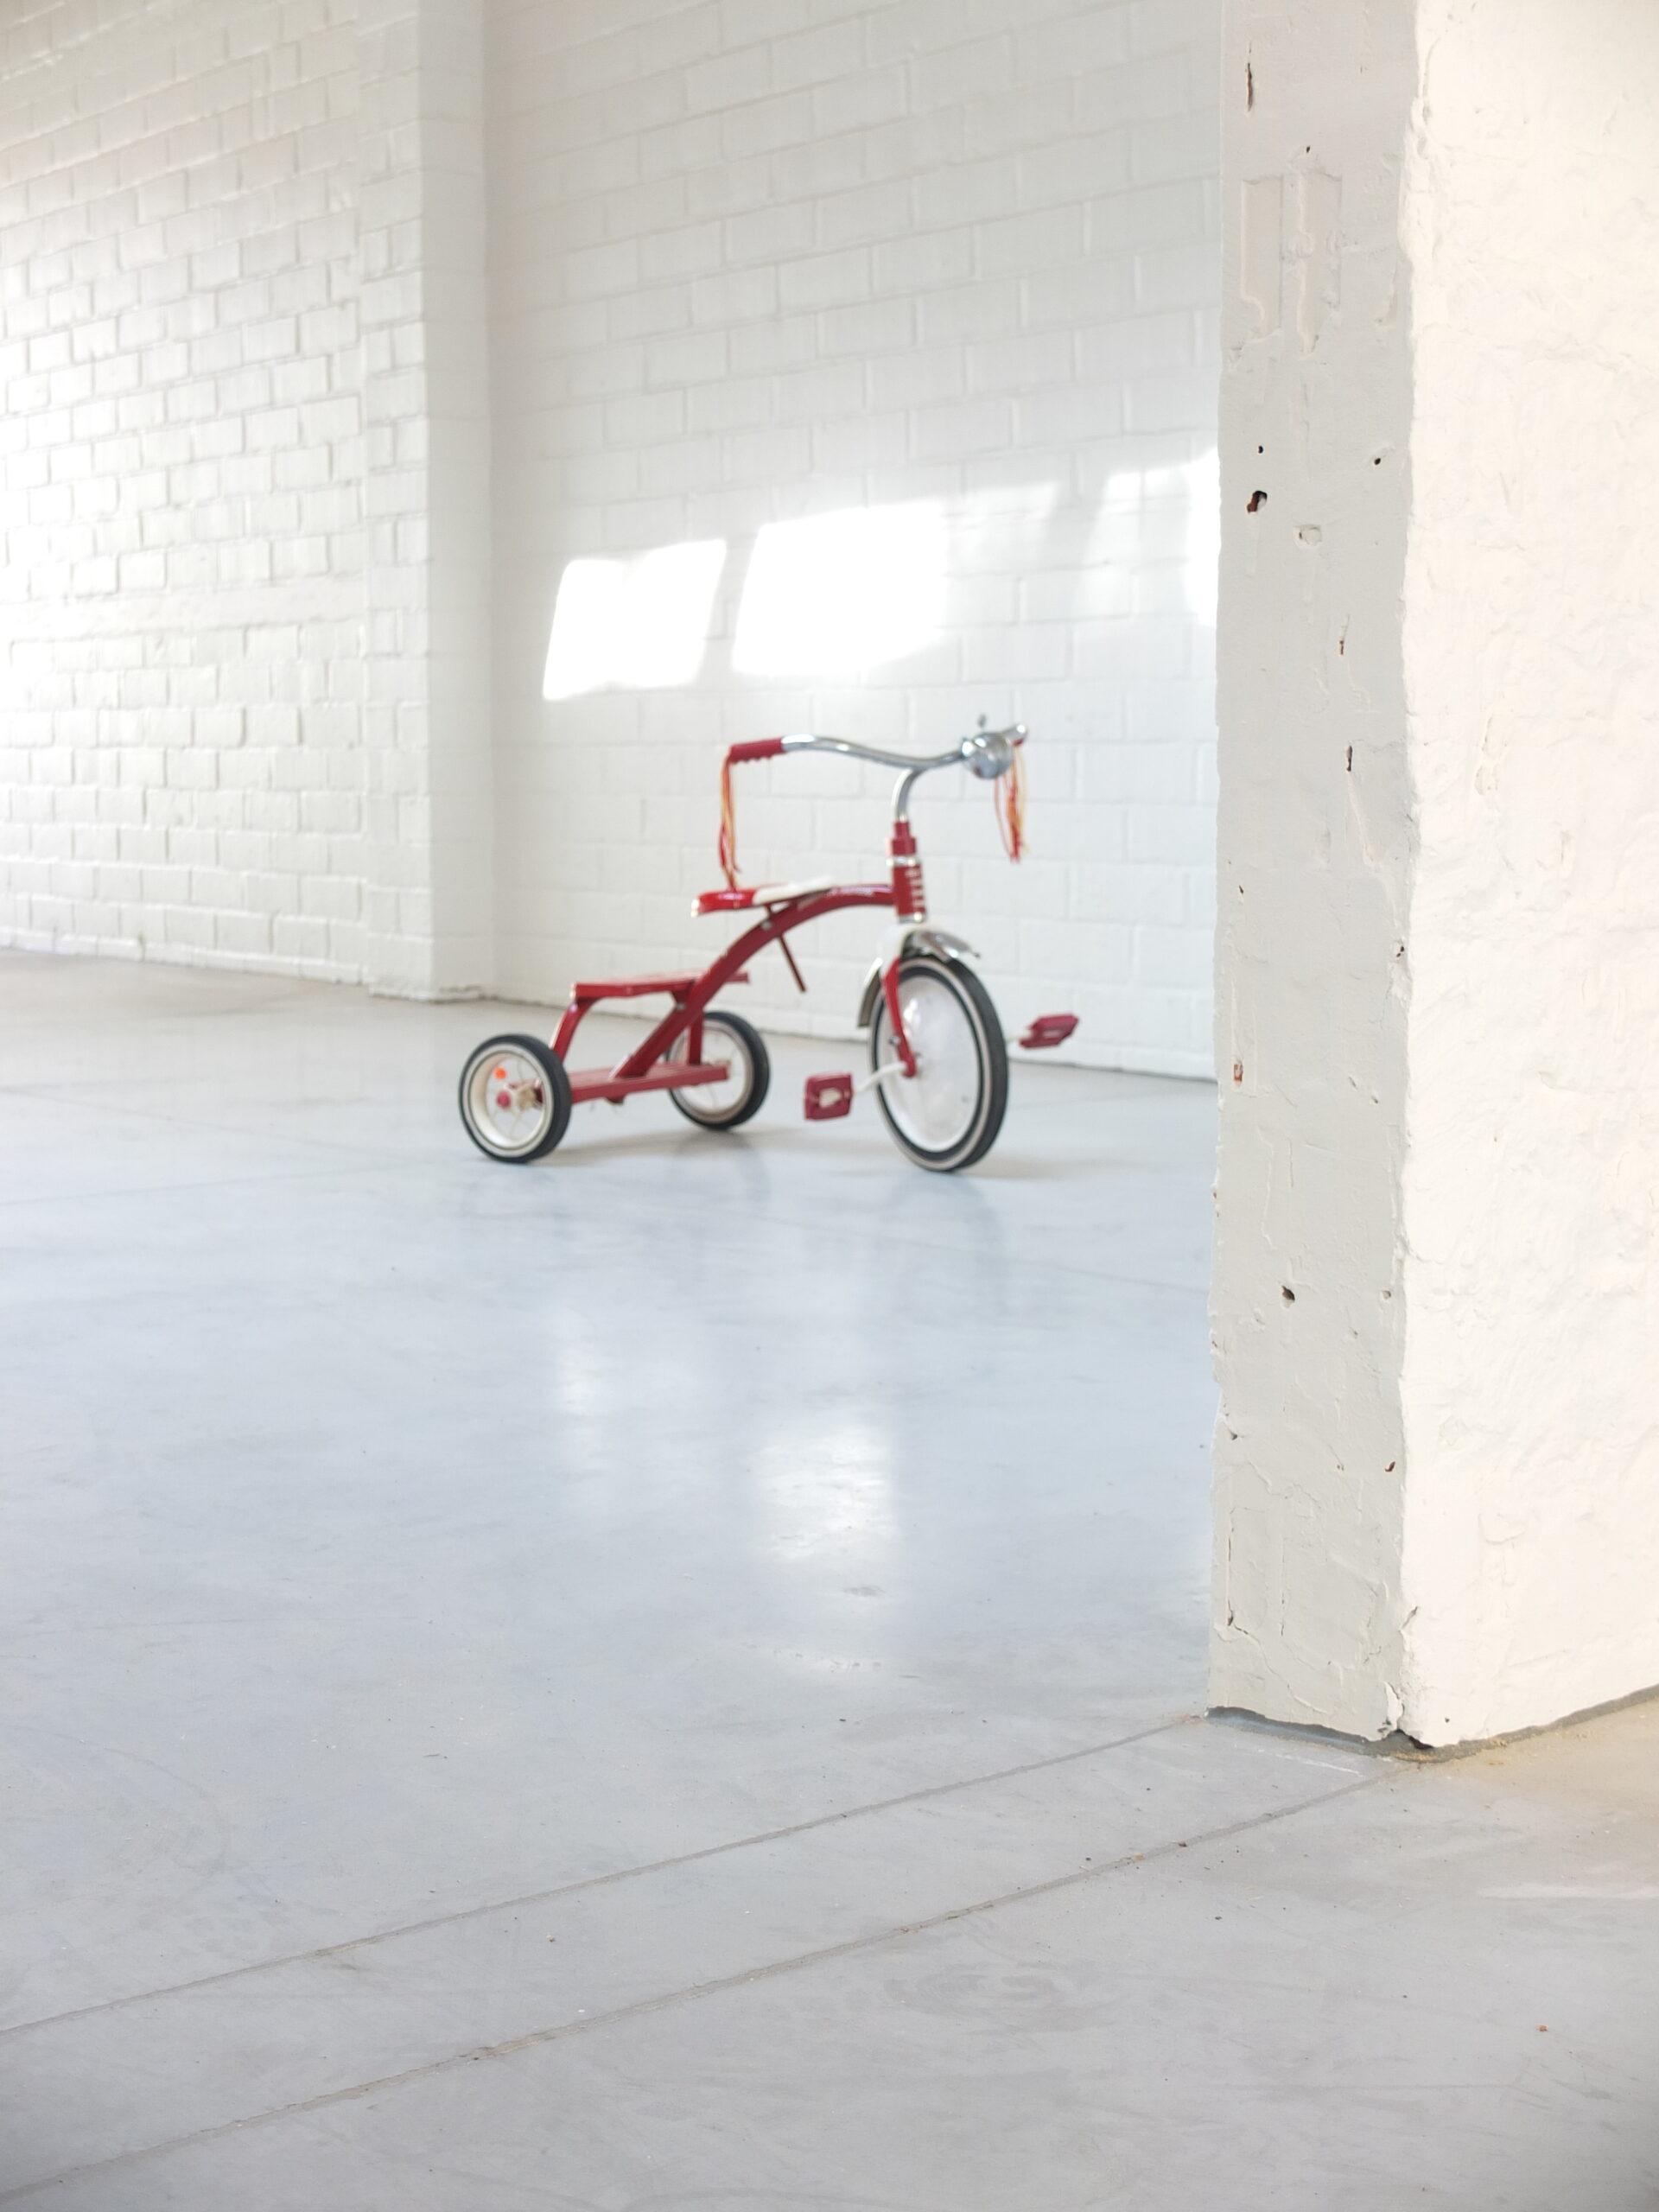 Gepolierde beton met fiets